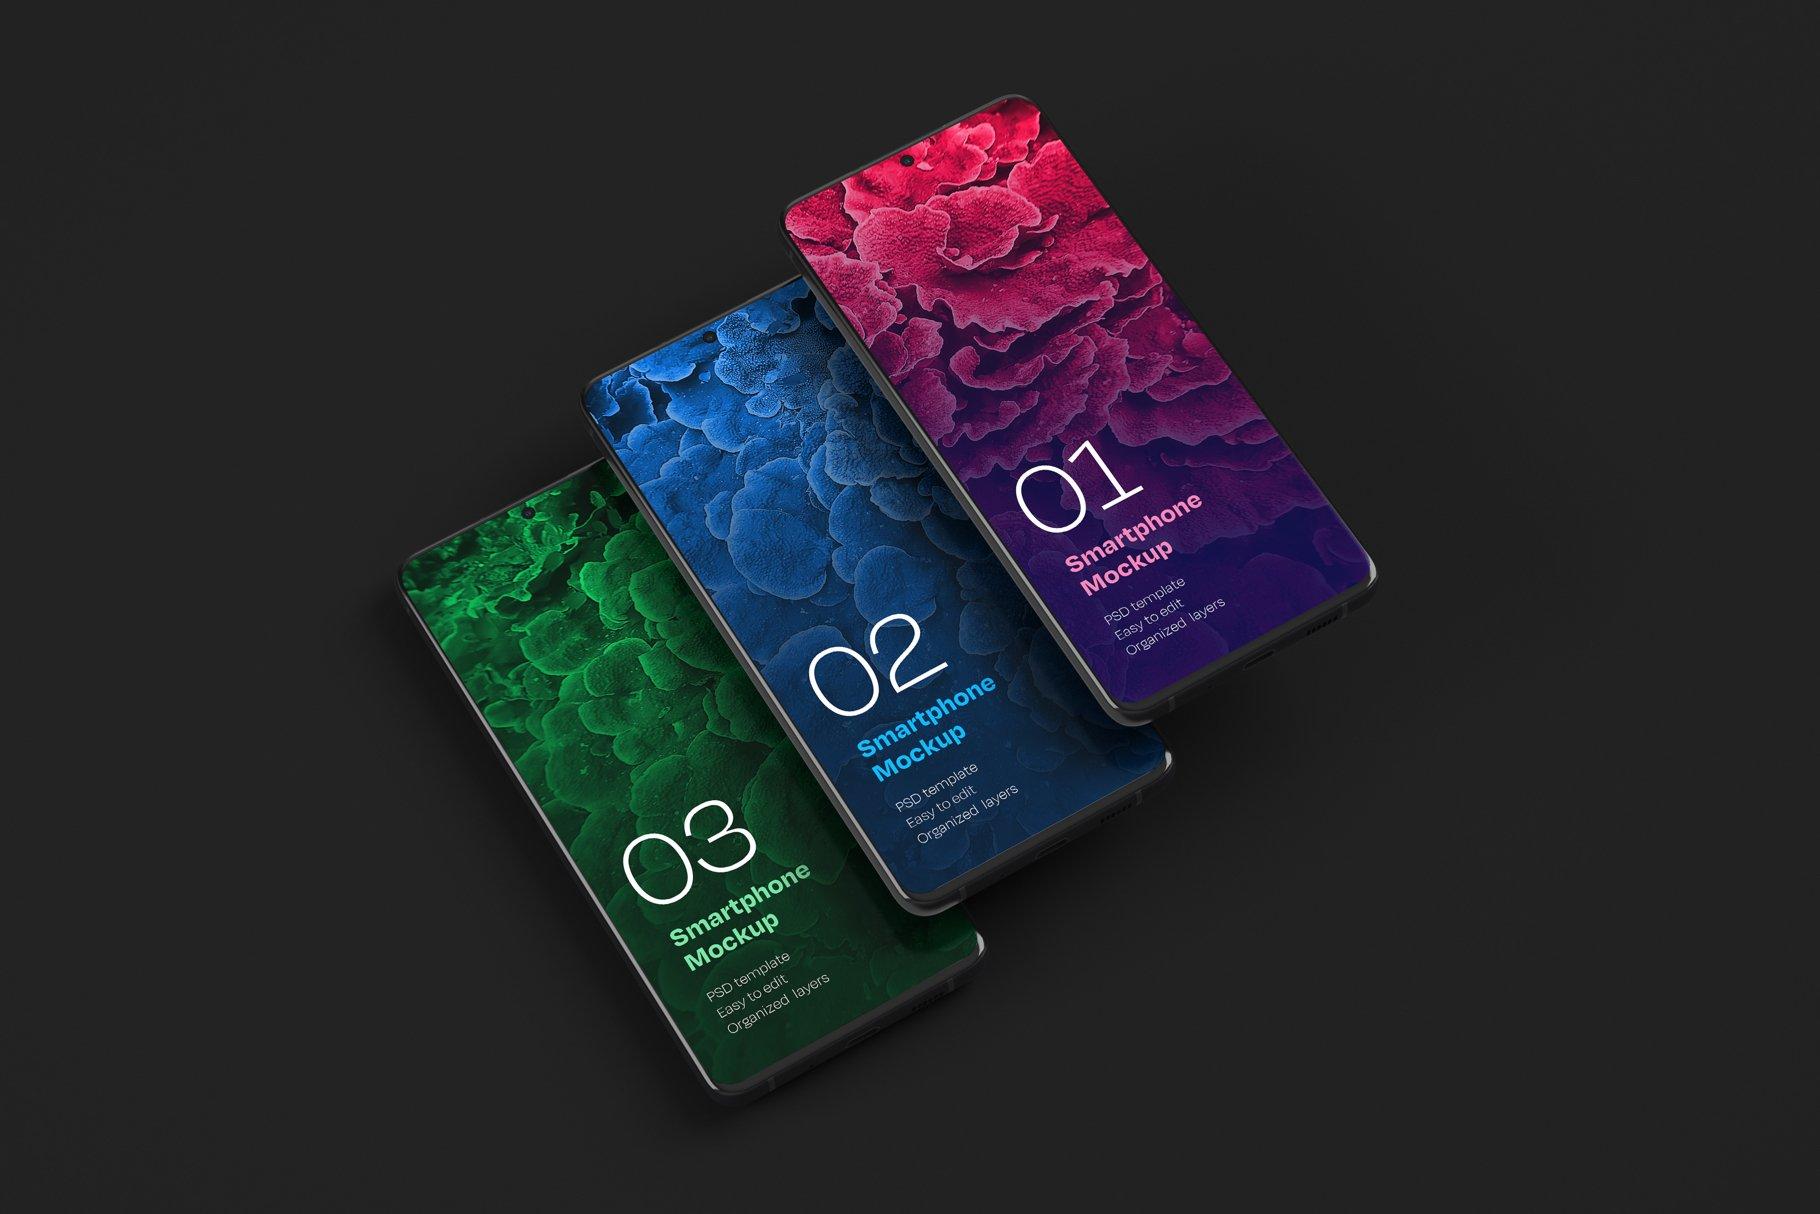 16款应用APP设计三星Galaxy S20手机屏幕演示样机 Galaxy S20 Ultra Device Mockup插图(12)